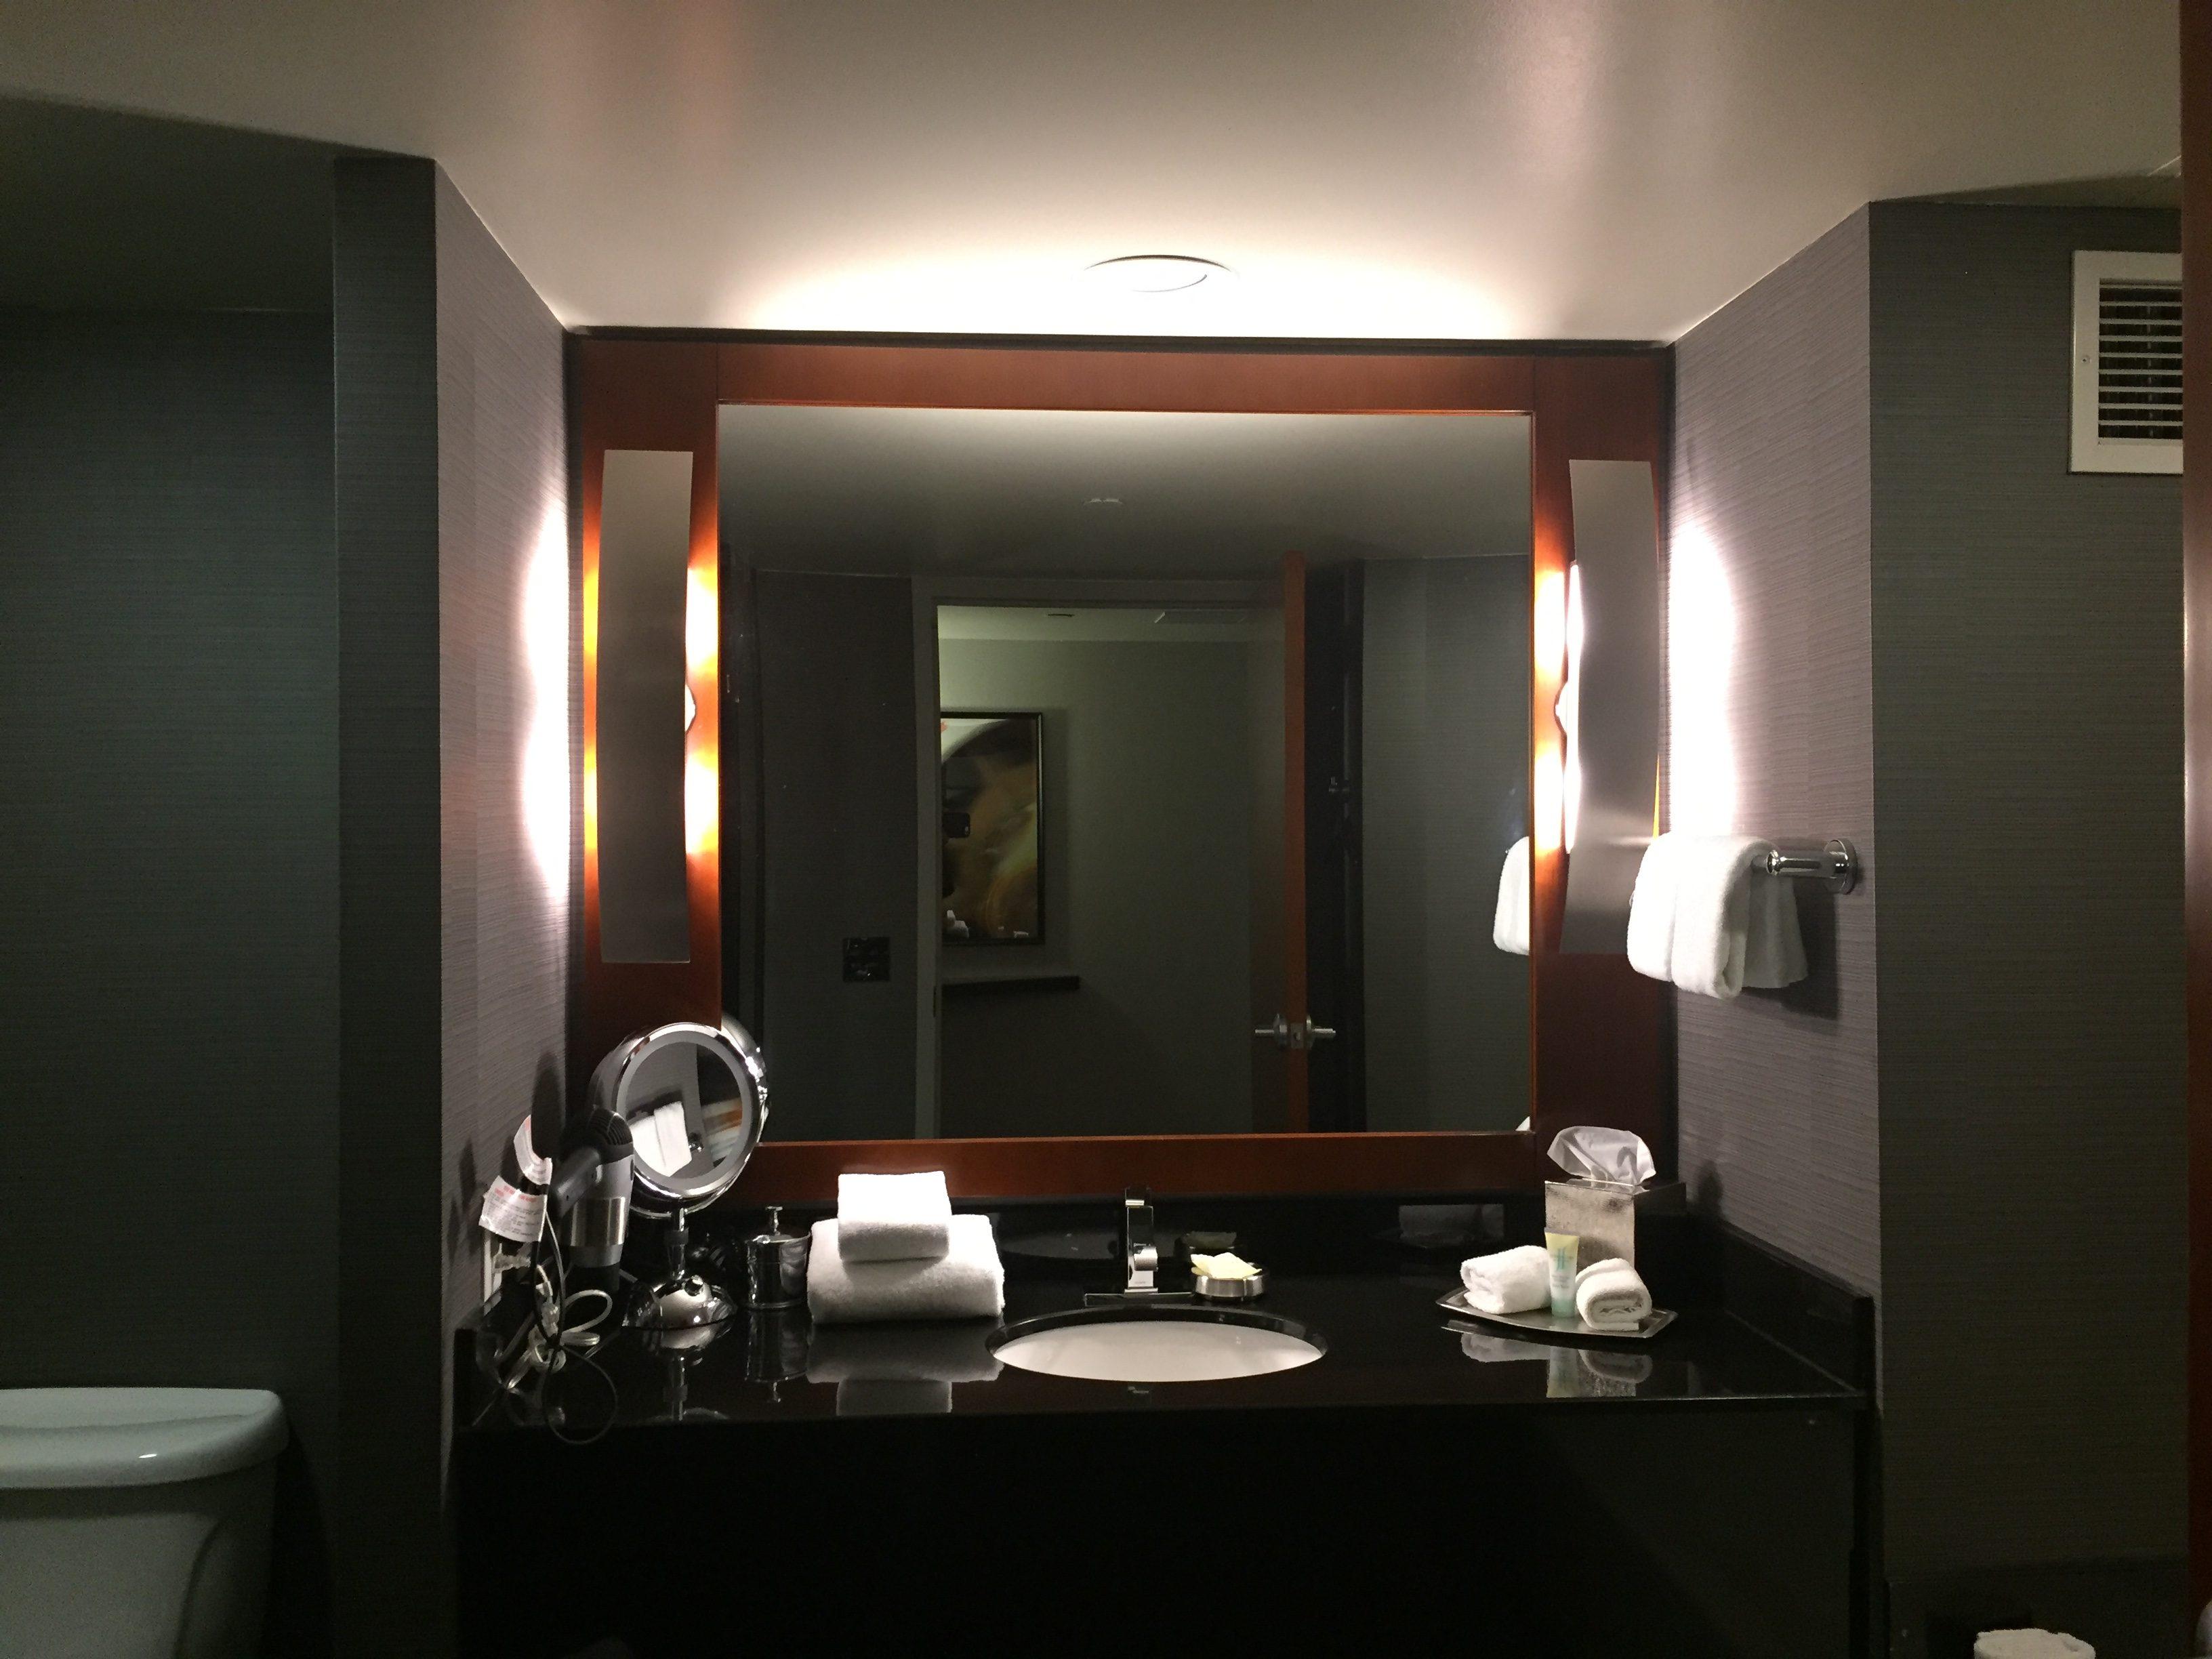 Grand Hyatt Dfw Room Service Menu